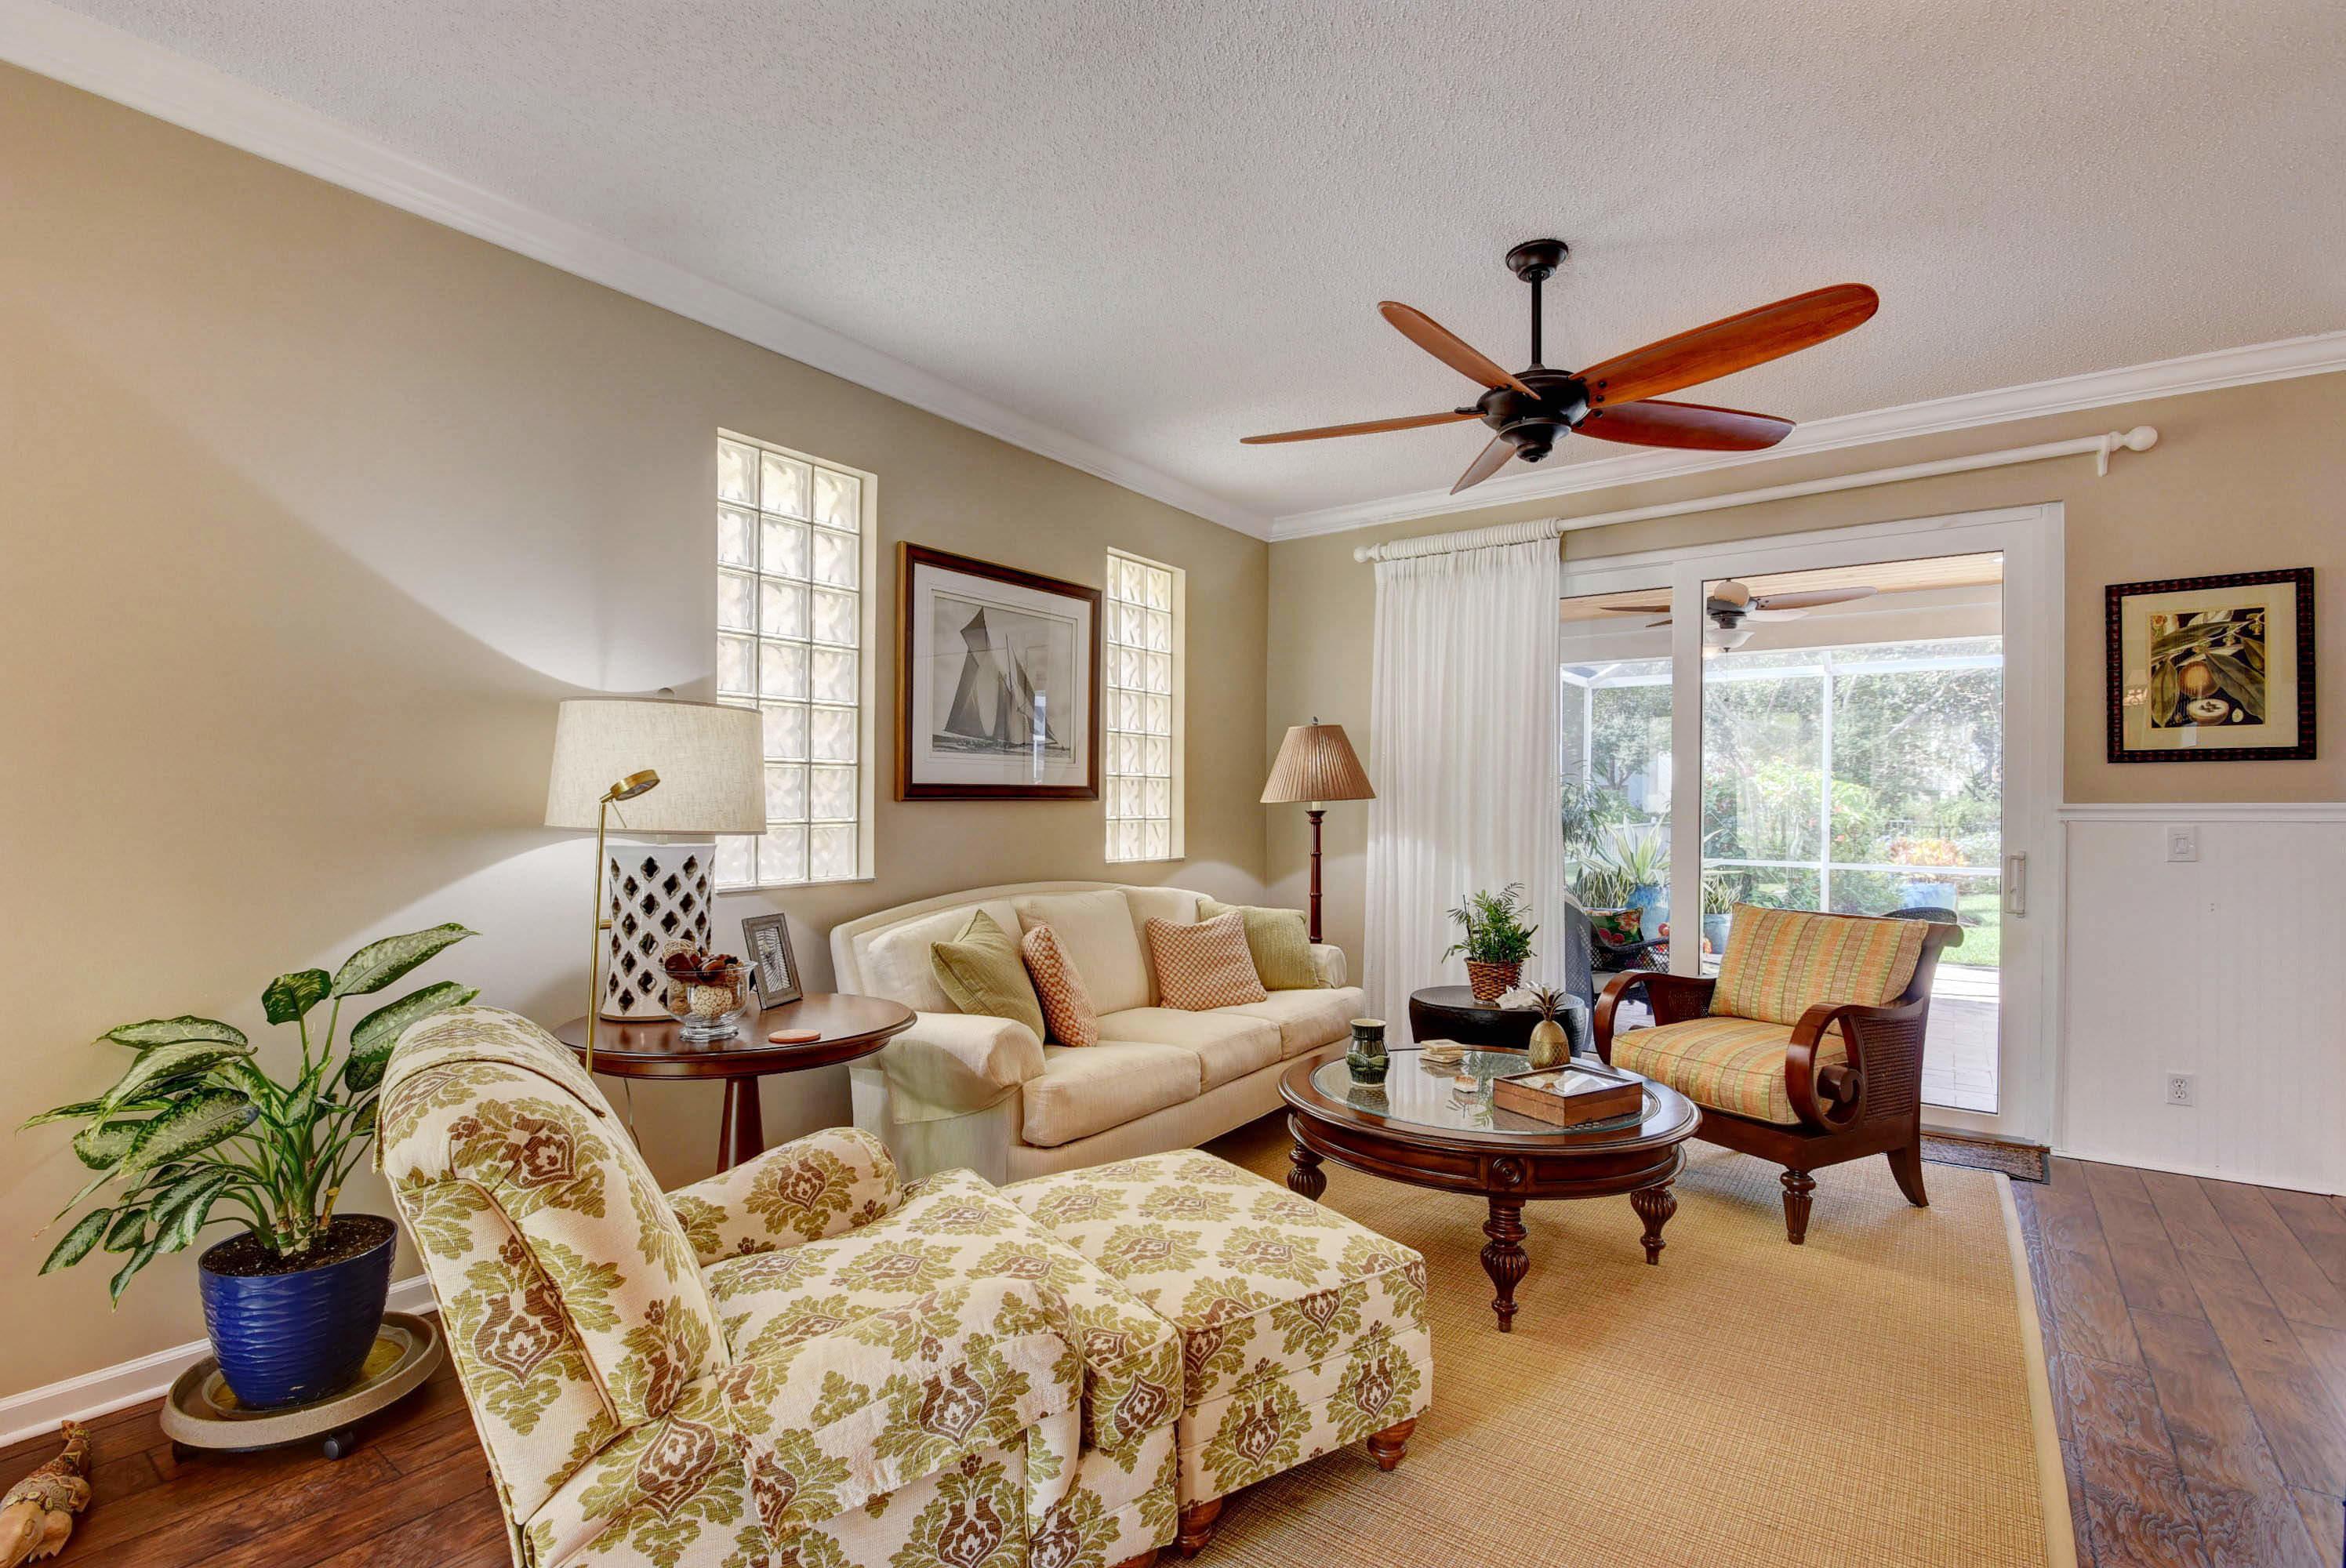 270 Kensington Way Royal Palm Beach, FL 33414 photo 3